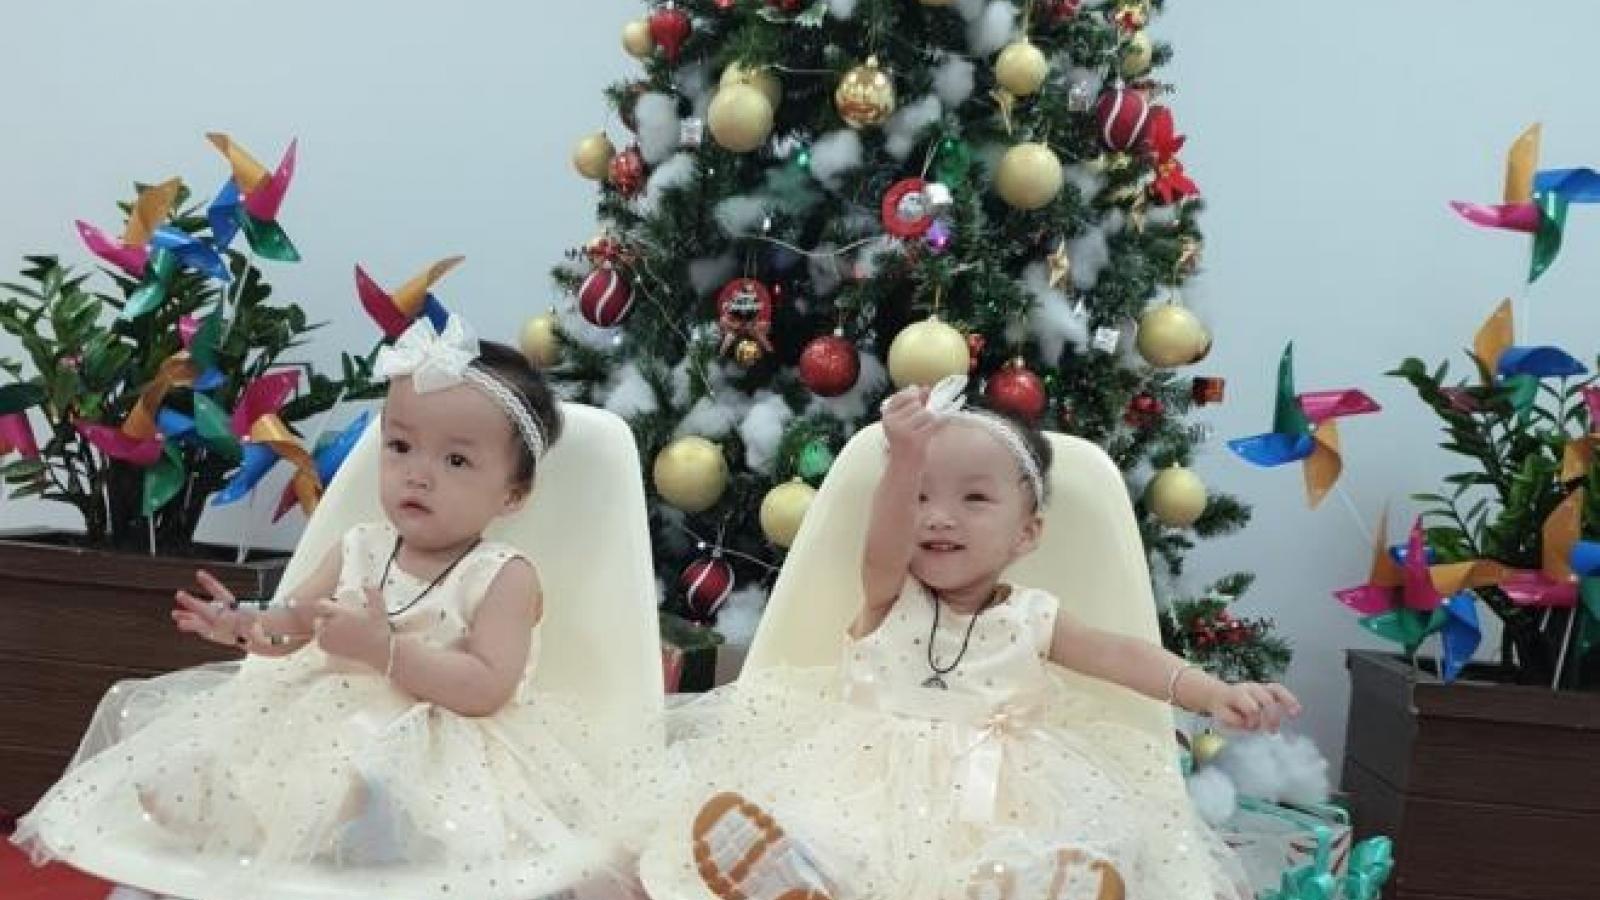 Cặp song sinh Trúc Nhi, Diệu Nhi sau 5 tháng phẫu thuật tách rời